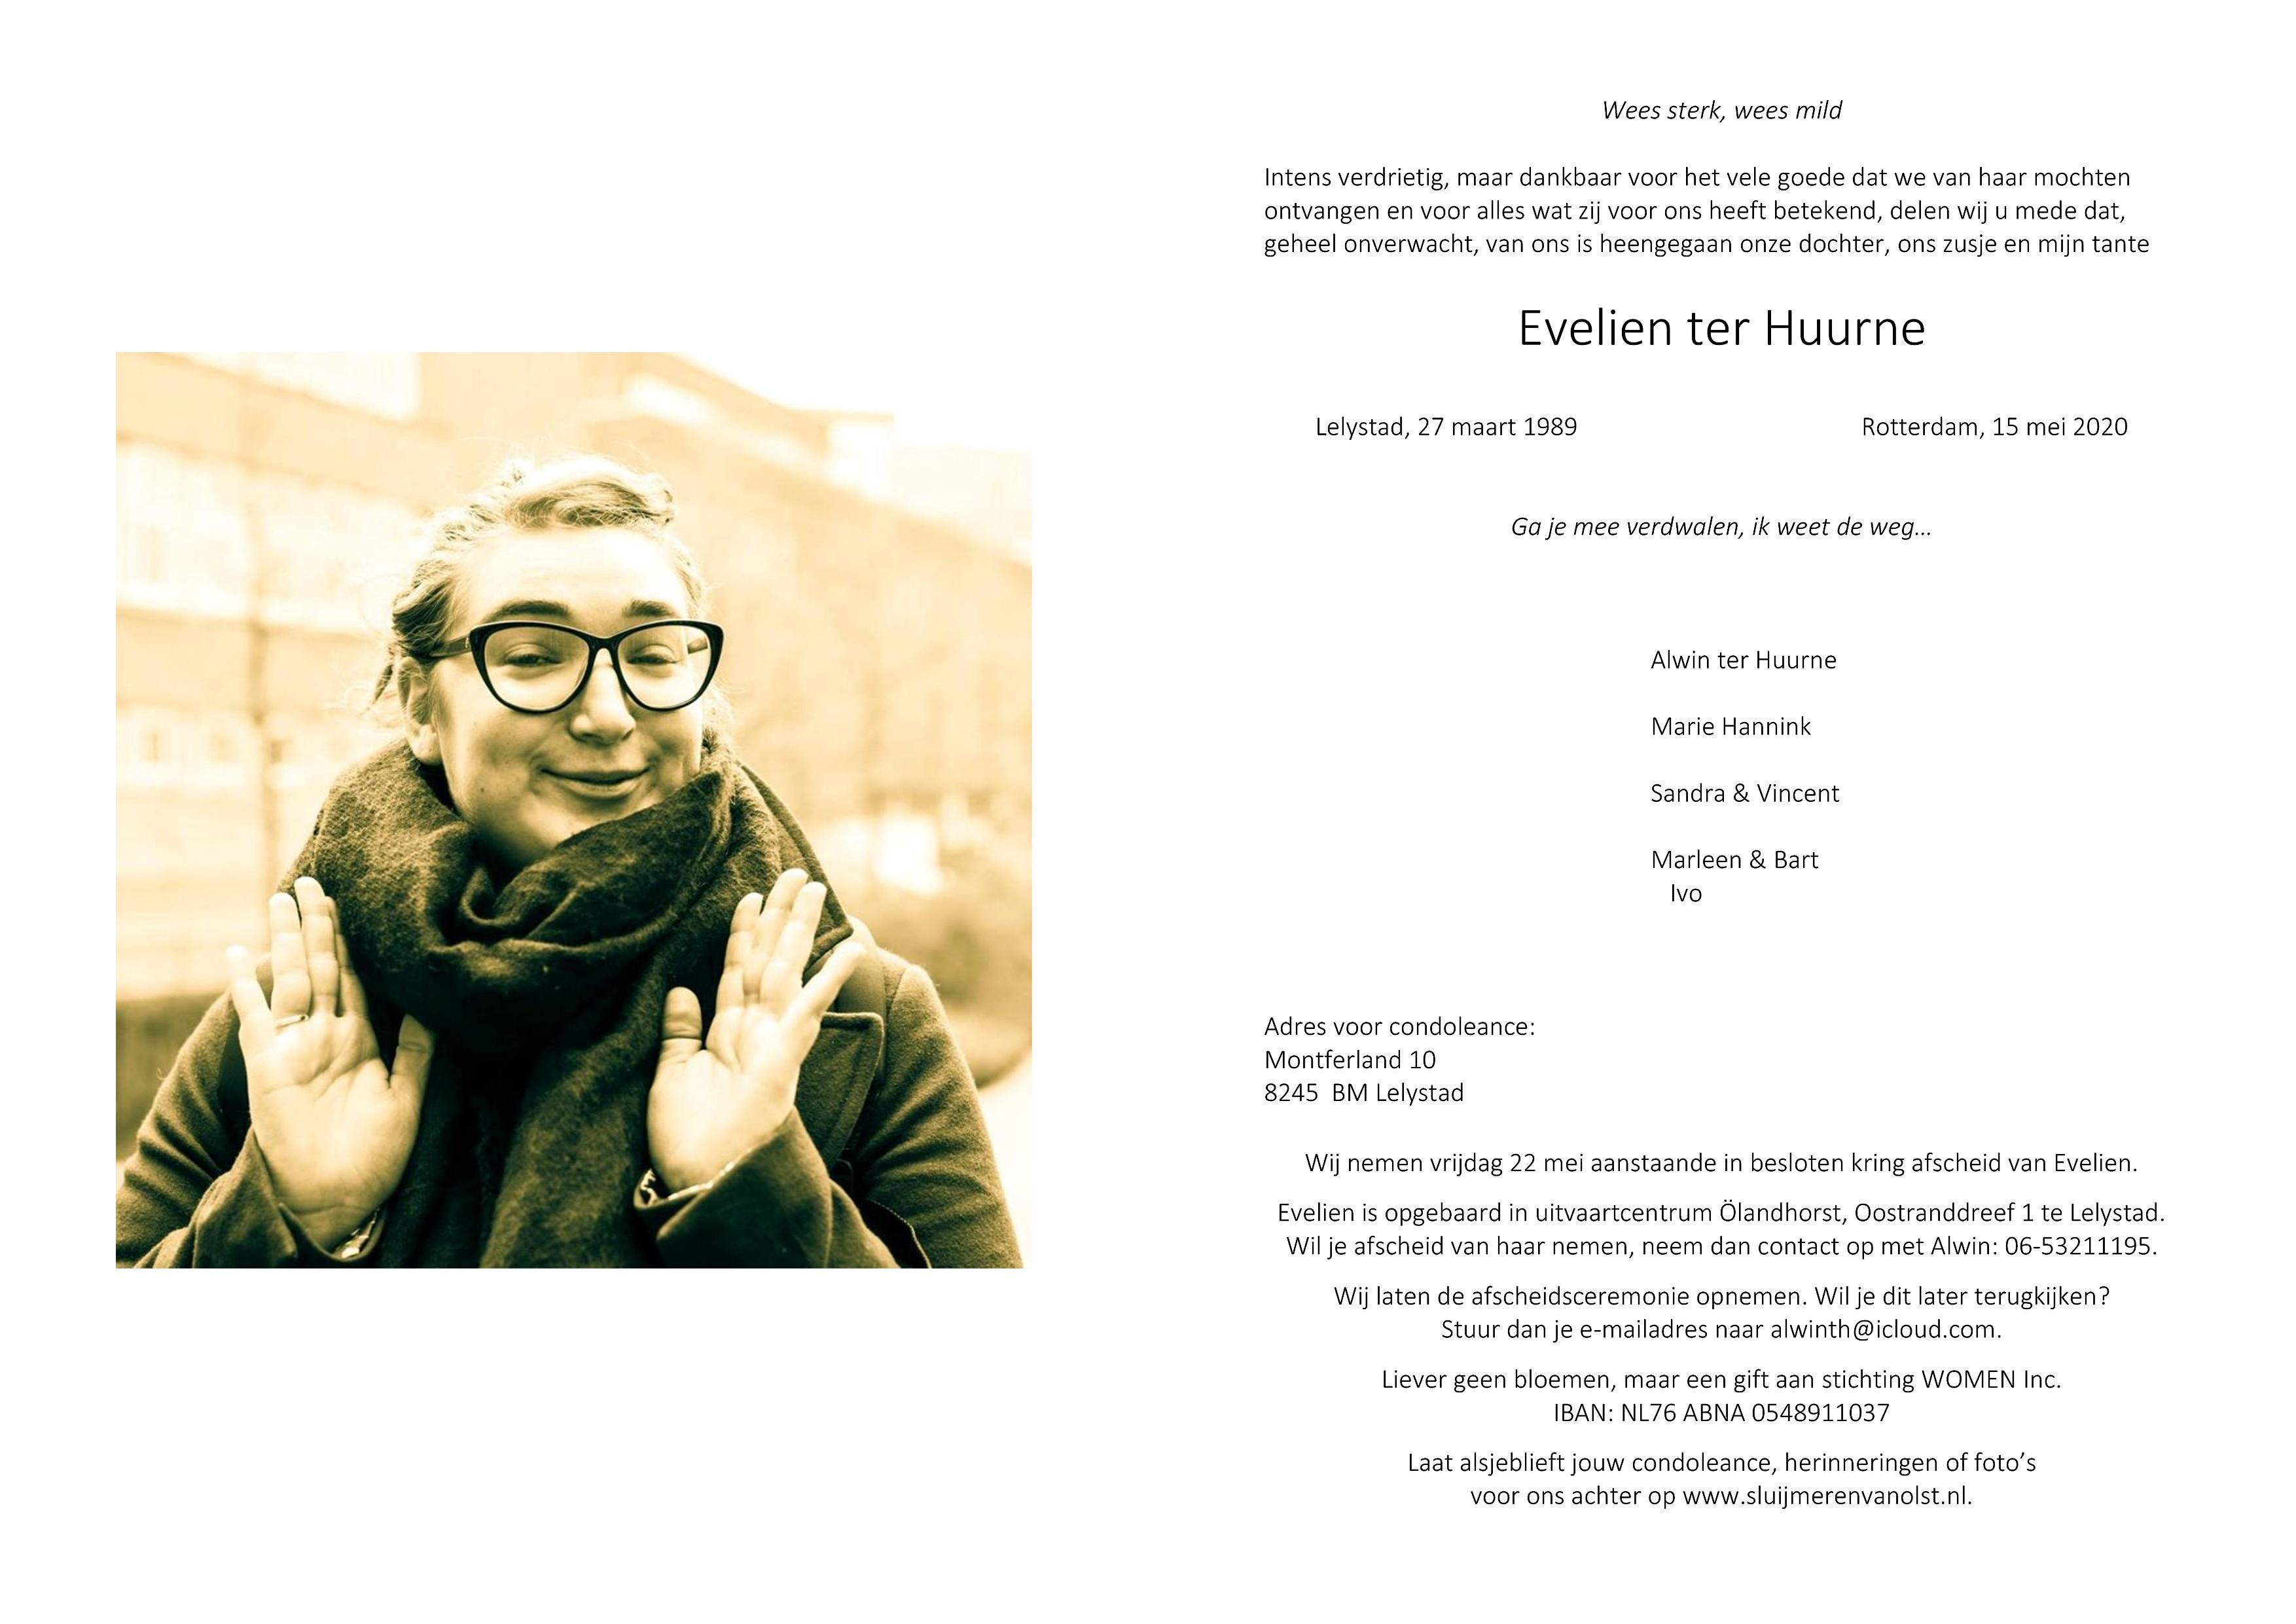 Evelien ter Huurne Death notice